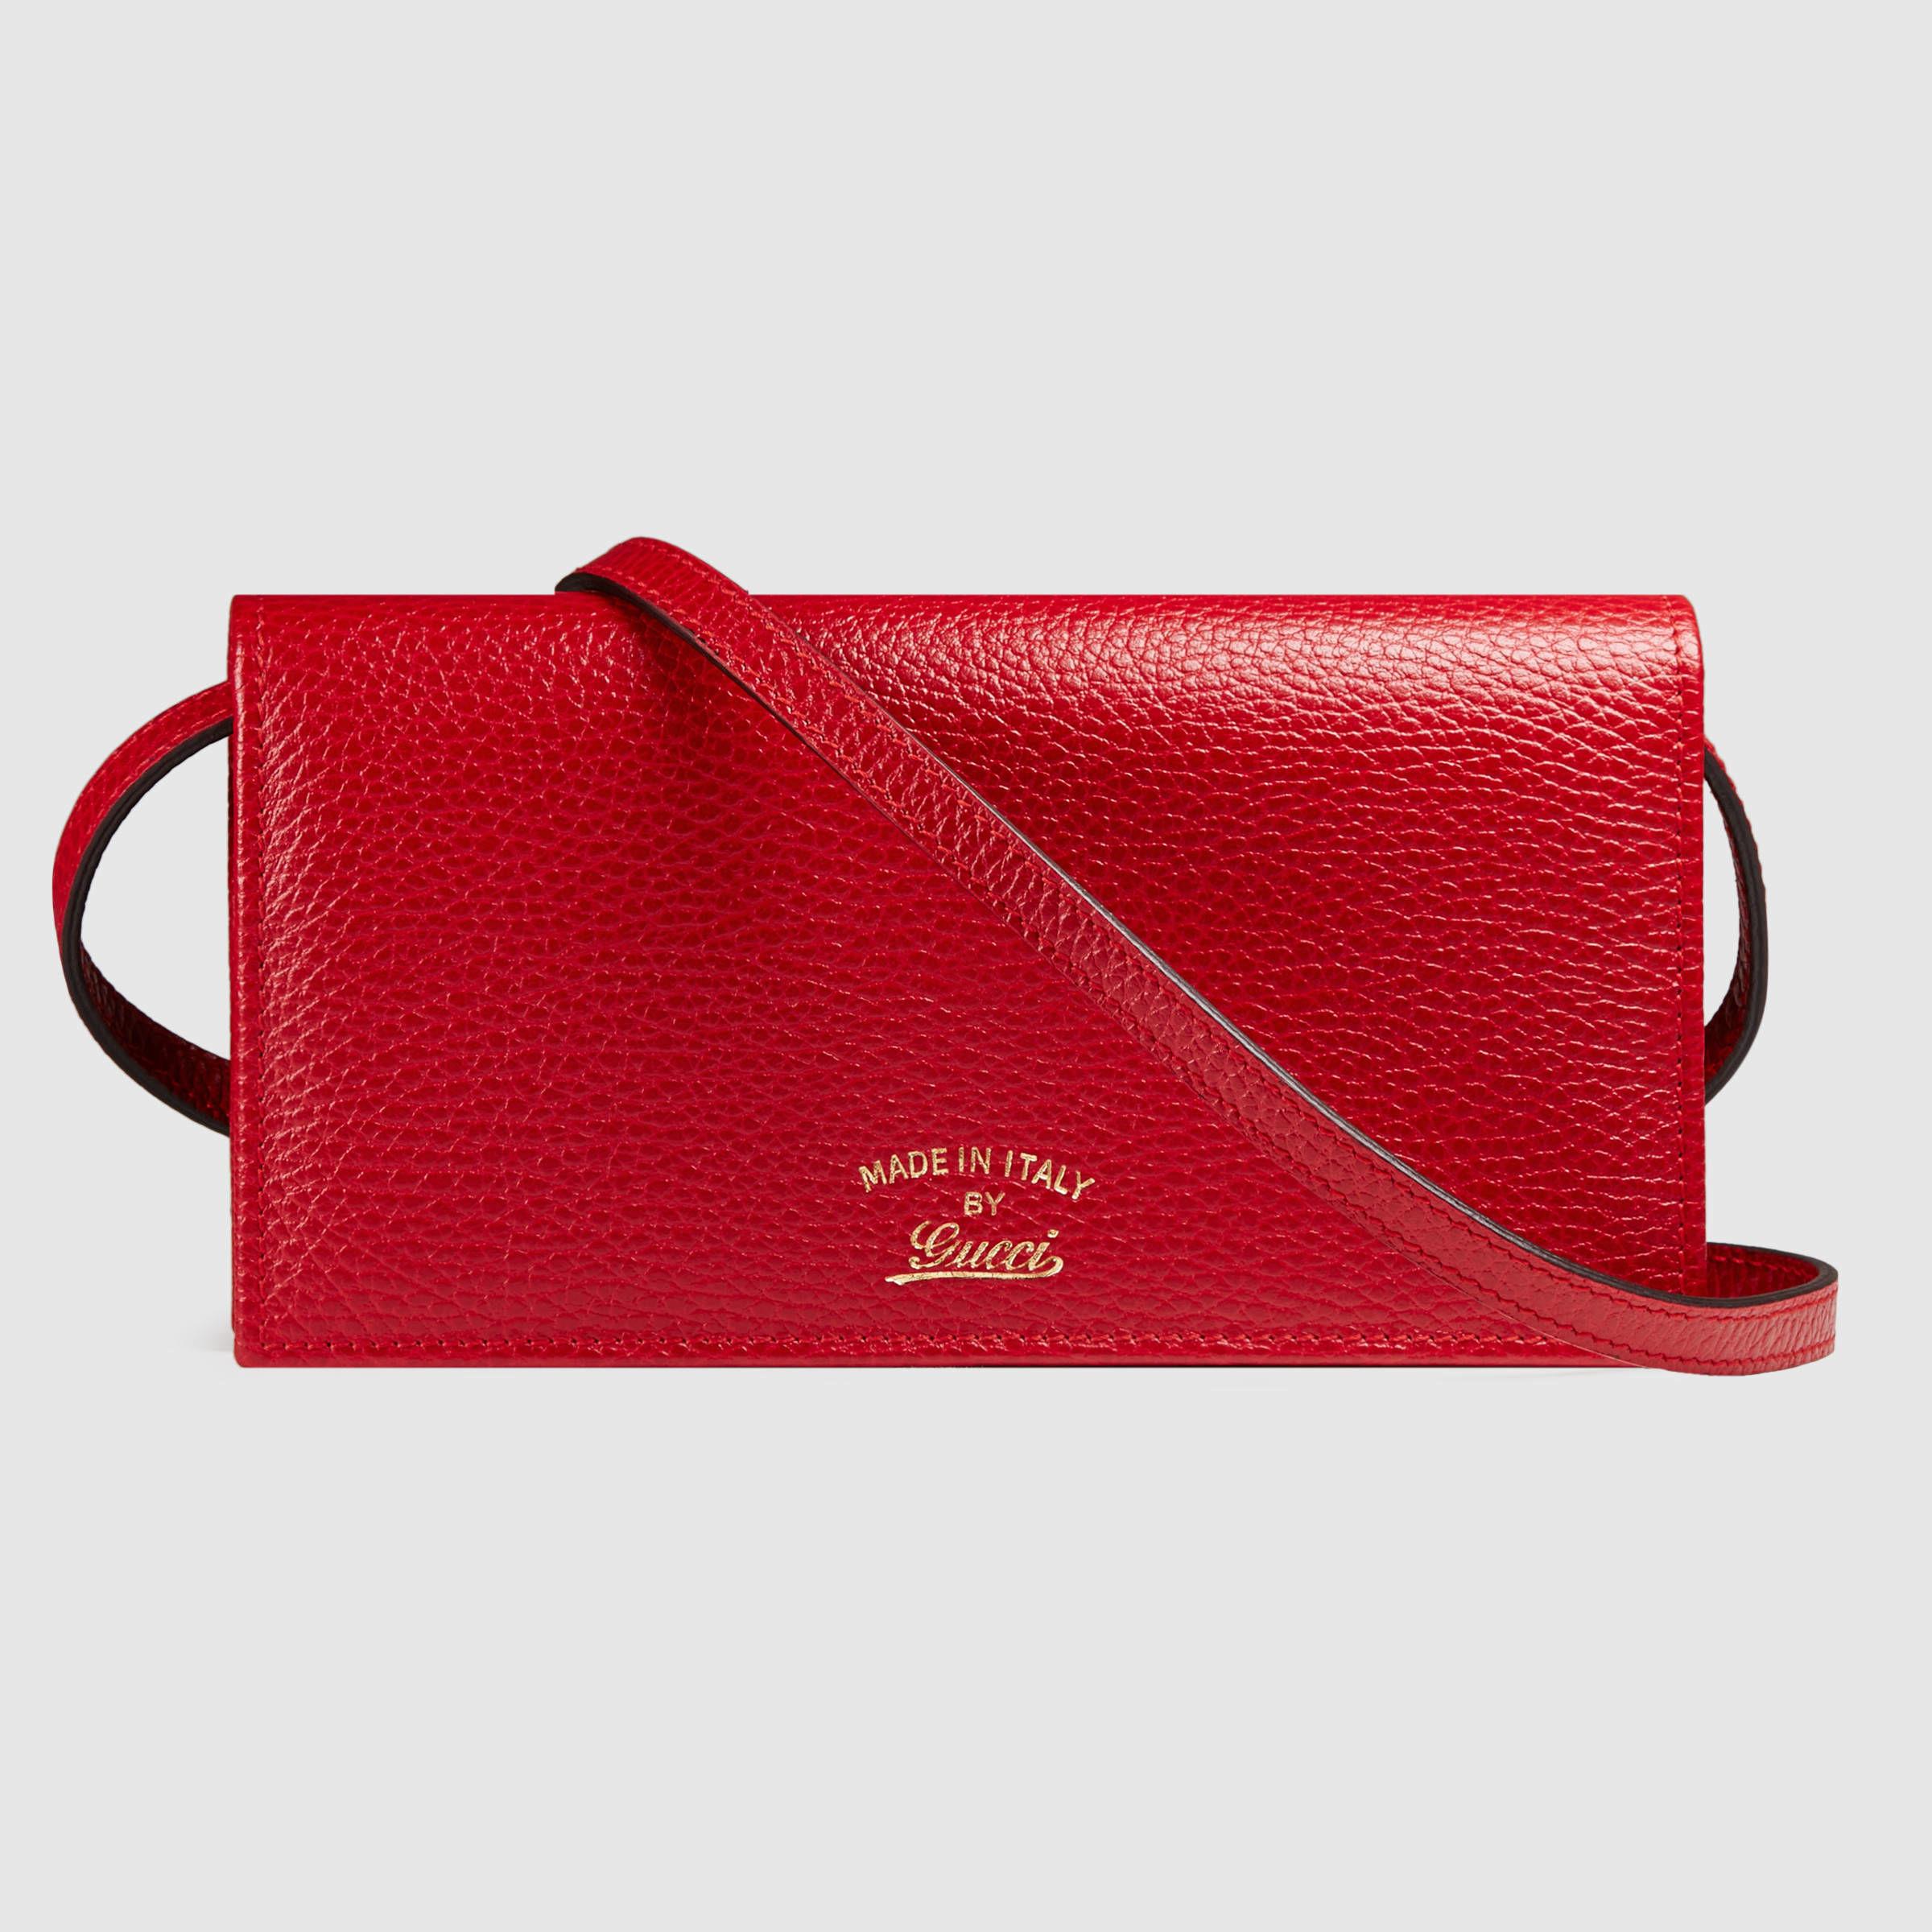 Gucci-Swing-leather-mini-bag